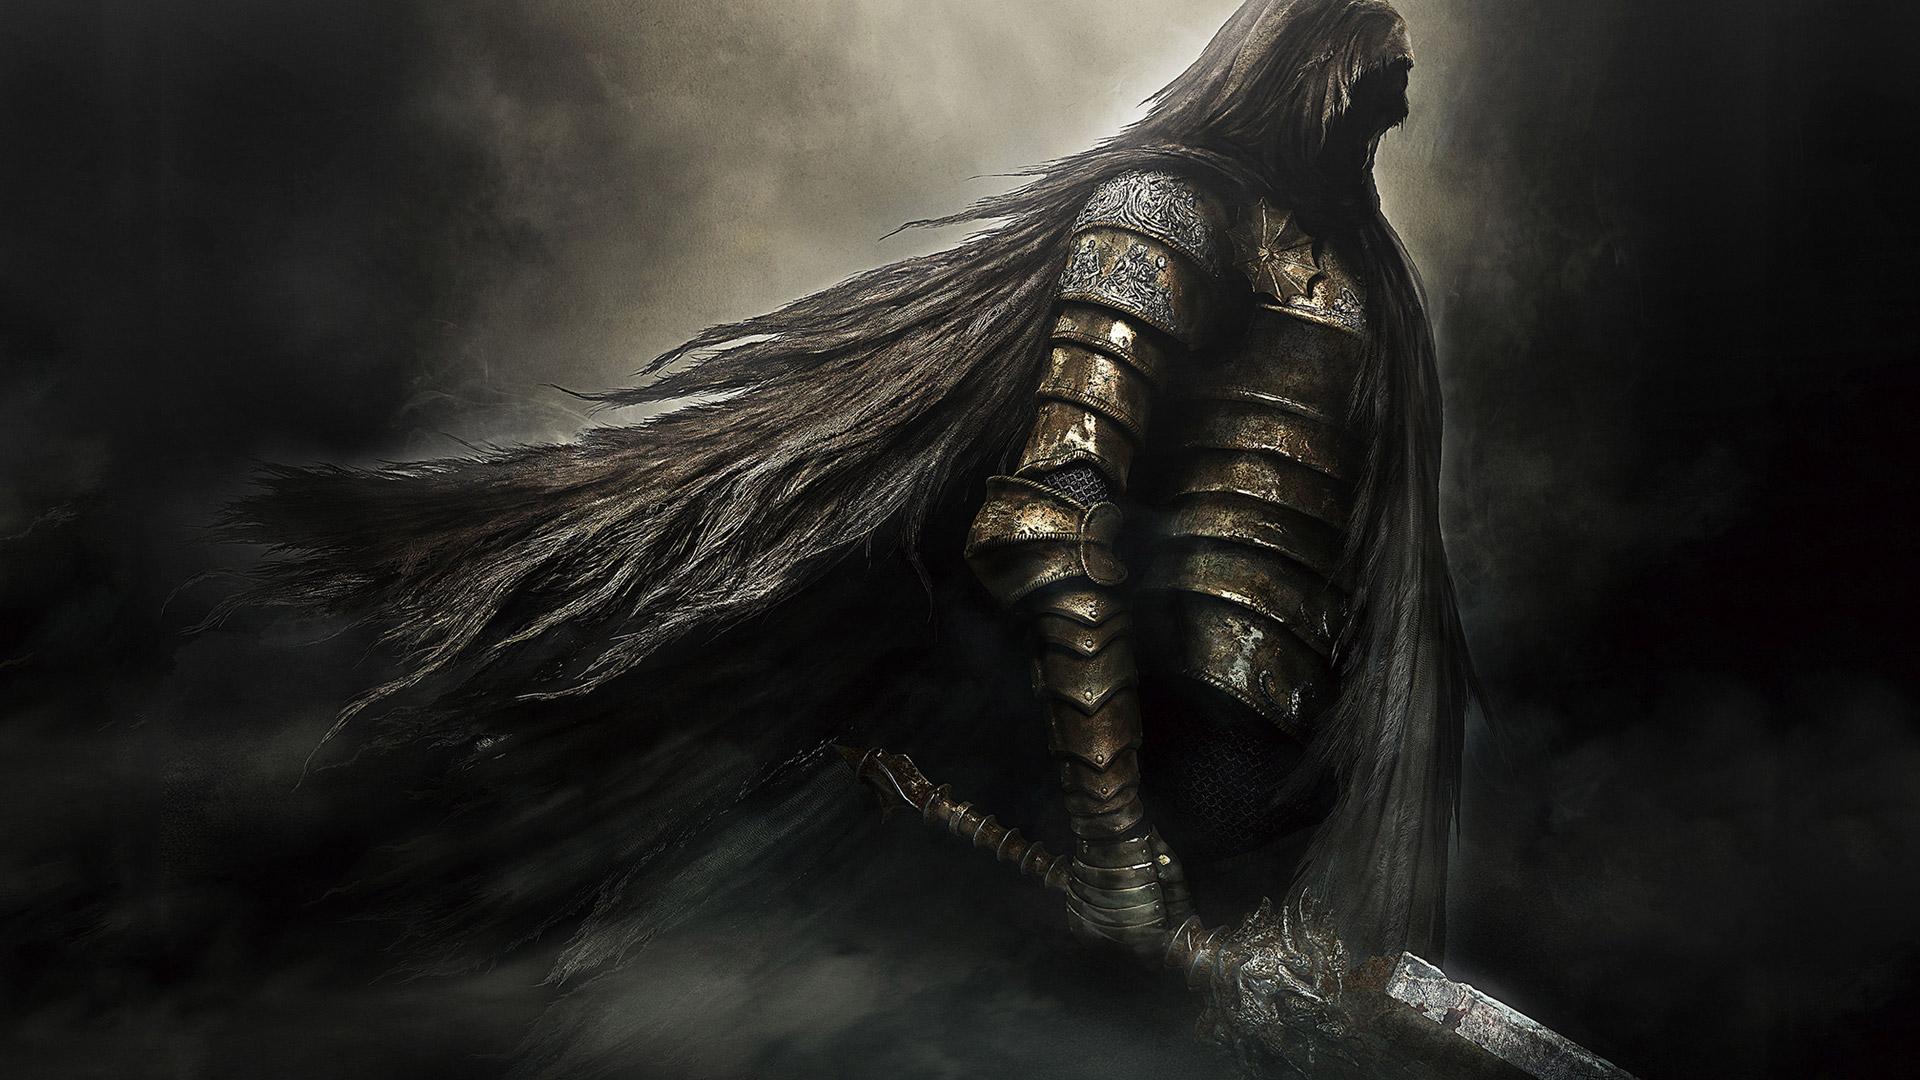 Dark Souls II Wallpaper in 1920x1080 1920x1080